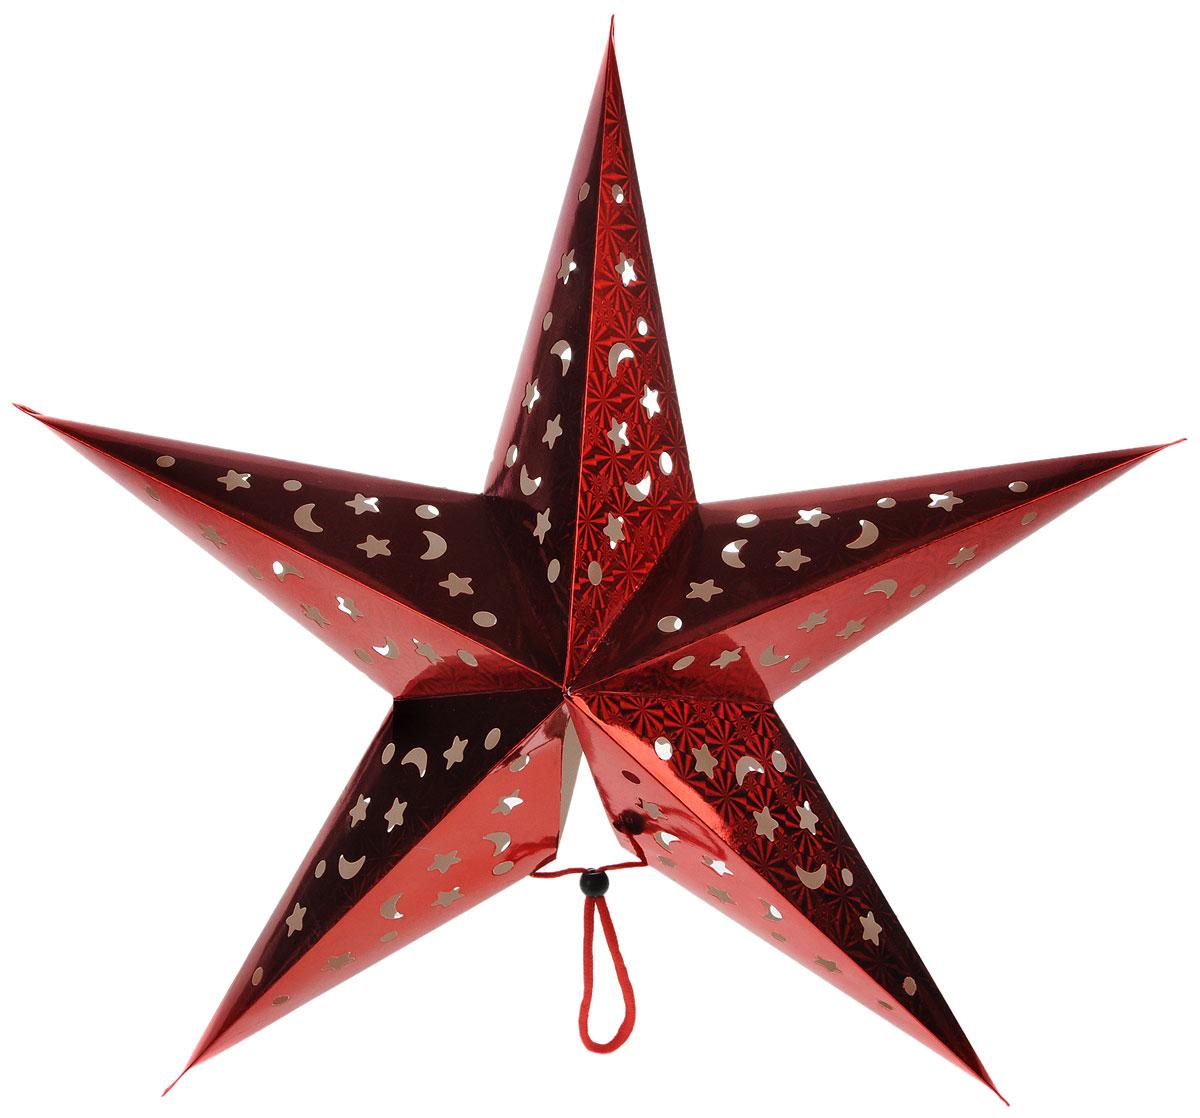 Украшение новогоднее House & Holder Звезда, со светодиодной подсветкой, 60 х 55 х 16 см42747Новогоднее украшение House & Holder Звезда выполнено из картона и оснащено светодиодной подсветкой, работающей от двух батареек типа АА. Изделие можно подвесить в любом понравившемся вам месте. Такое украшение поможет украсить дом или офис к предстоящим праздникам. Новогодние украшения всегда несут в себе волшебство и красоту праздника. Создайте в своем доме атмосферу тепла, веселья и радости, украшая его всей семьей.Размеры звезды: 60 х 55 х 16 см.длина подсветки: 130 см.